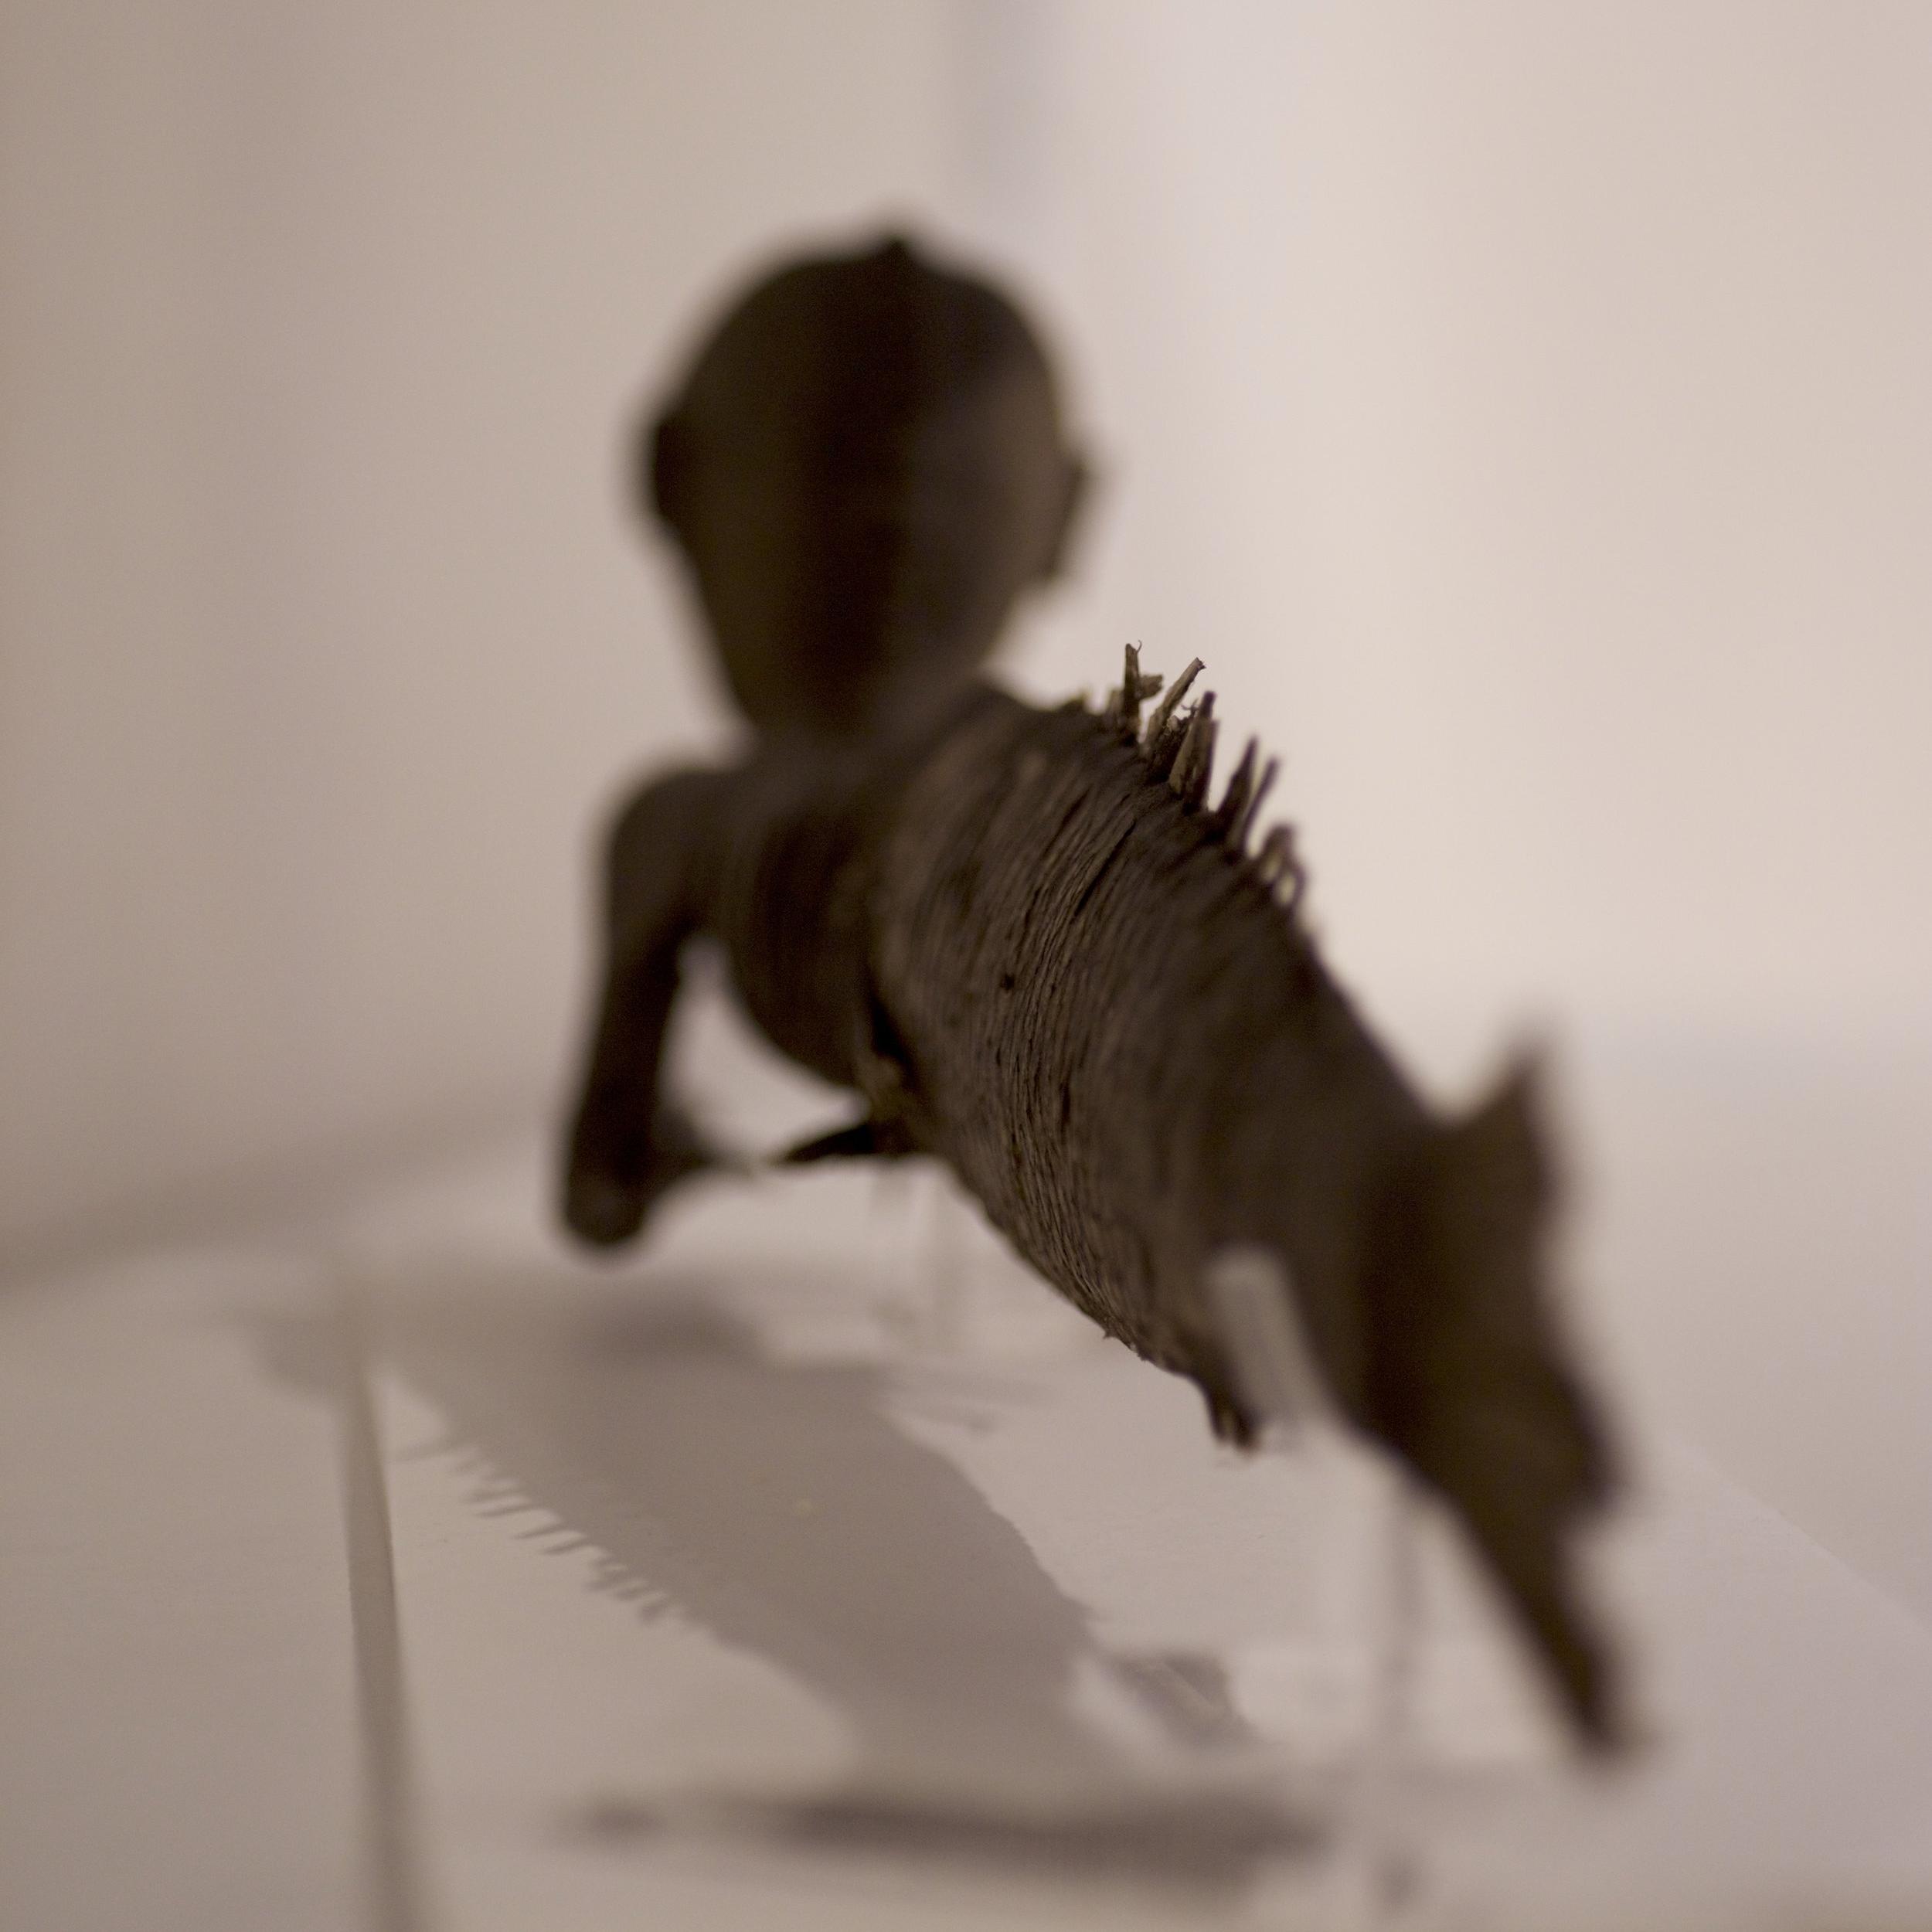 Kleine Meerjungfrau - Auch das letzte Objekt ist aus TaxoMania verschwunden. Das kleine Meerwesen wurde behutsam aus dem Vitrinenschlaf geweckt und in einer gemütlichen Kiste untergebracht, wo es schlummern kann, während ein großer Teil der Taxomania-Sammlung nach Leipzig umzieht.